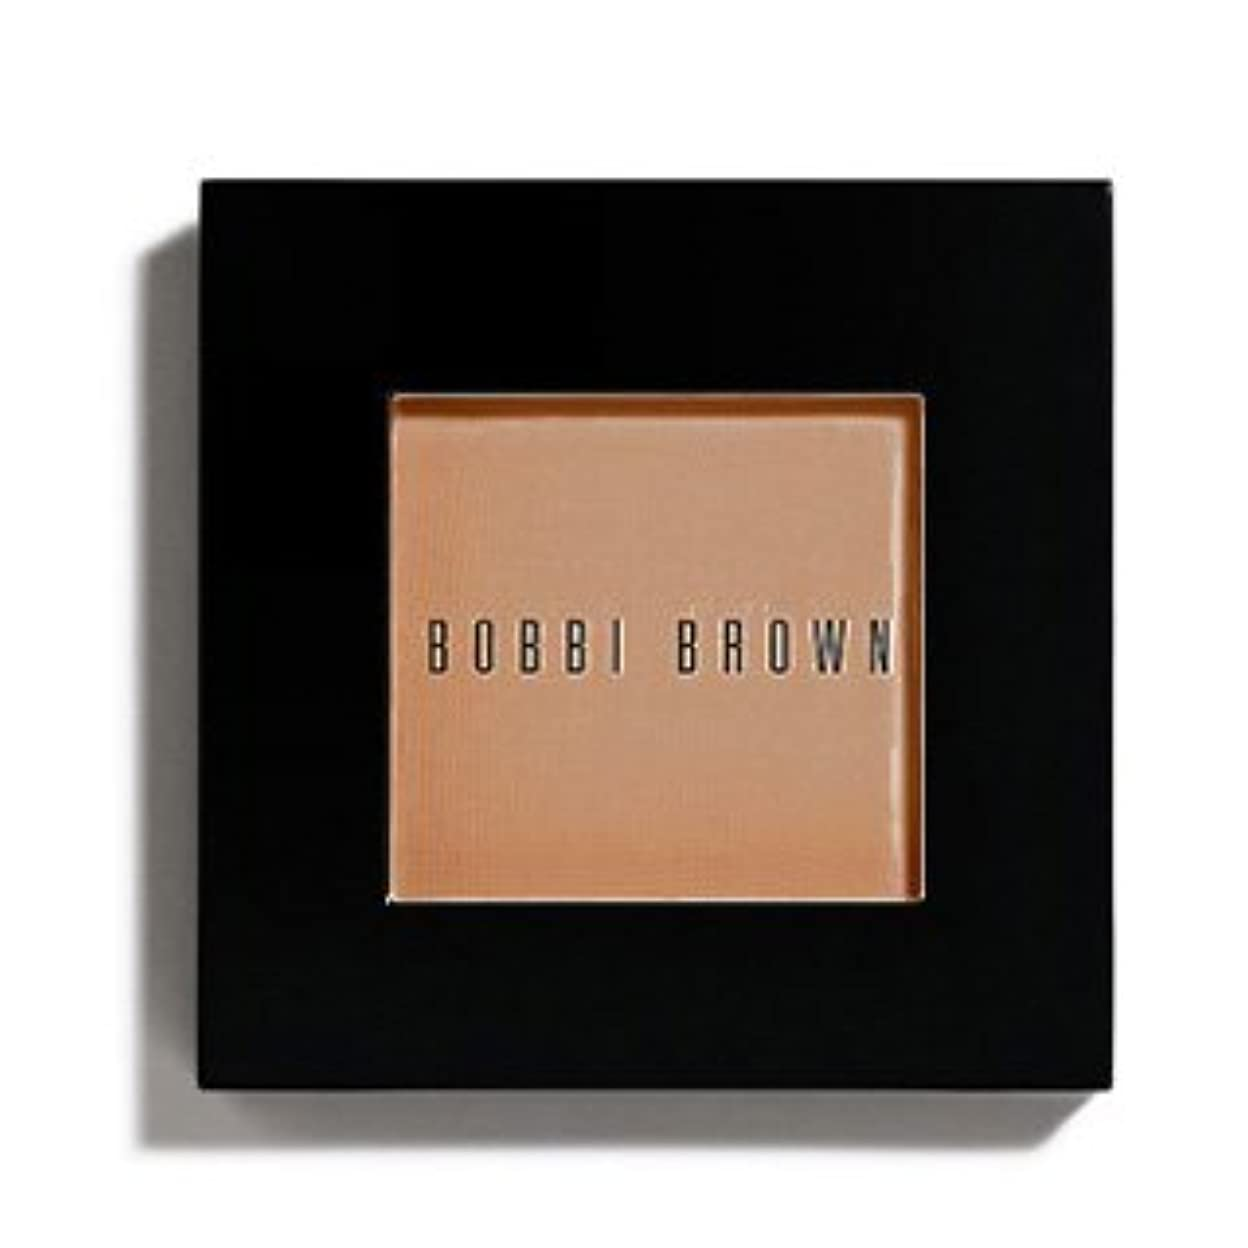 対話機関使用法BOBBI BROWN ボビイ ブラウン アイシャドウ #14 Toast 2.5g [並行輸入品]